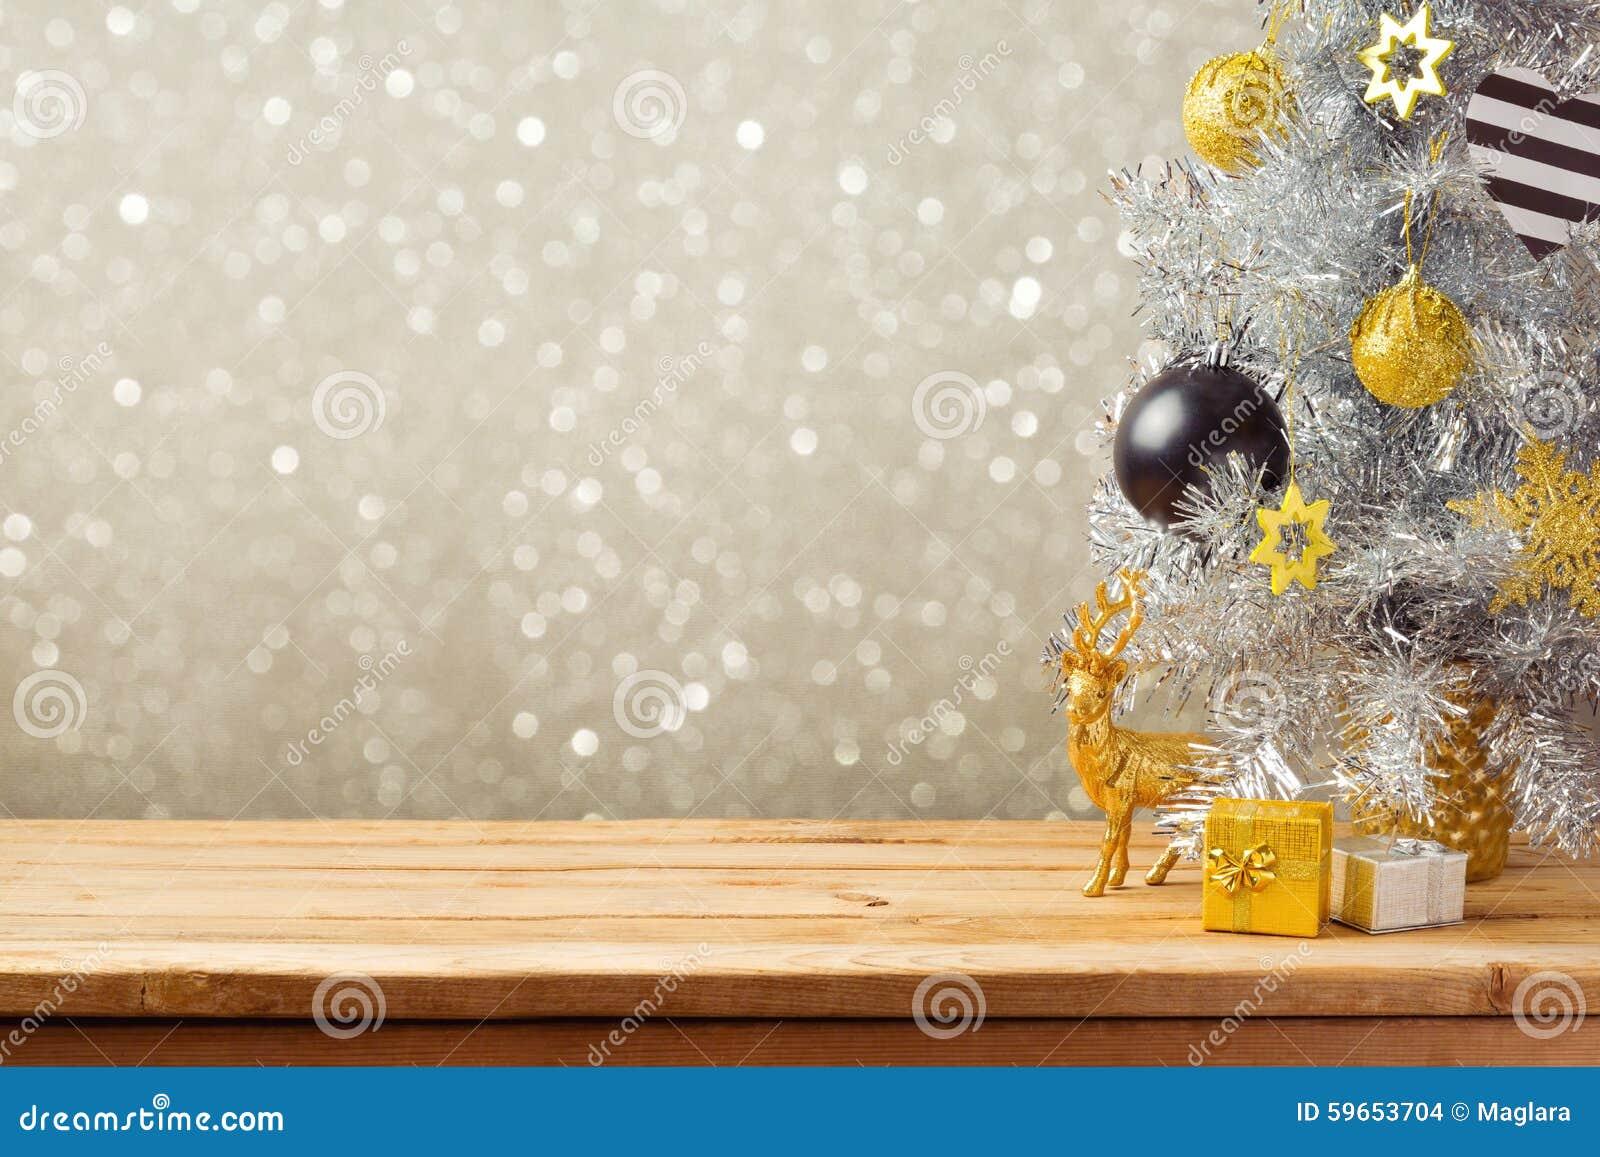 Weihnachtsfeiertagshintergrund mit Weihnachtsbaum und Dekorationen auf Holztisch Schwarze, goldene und silberne Verzierungen